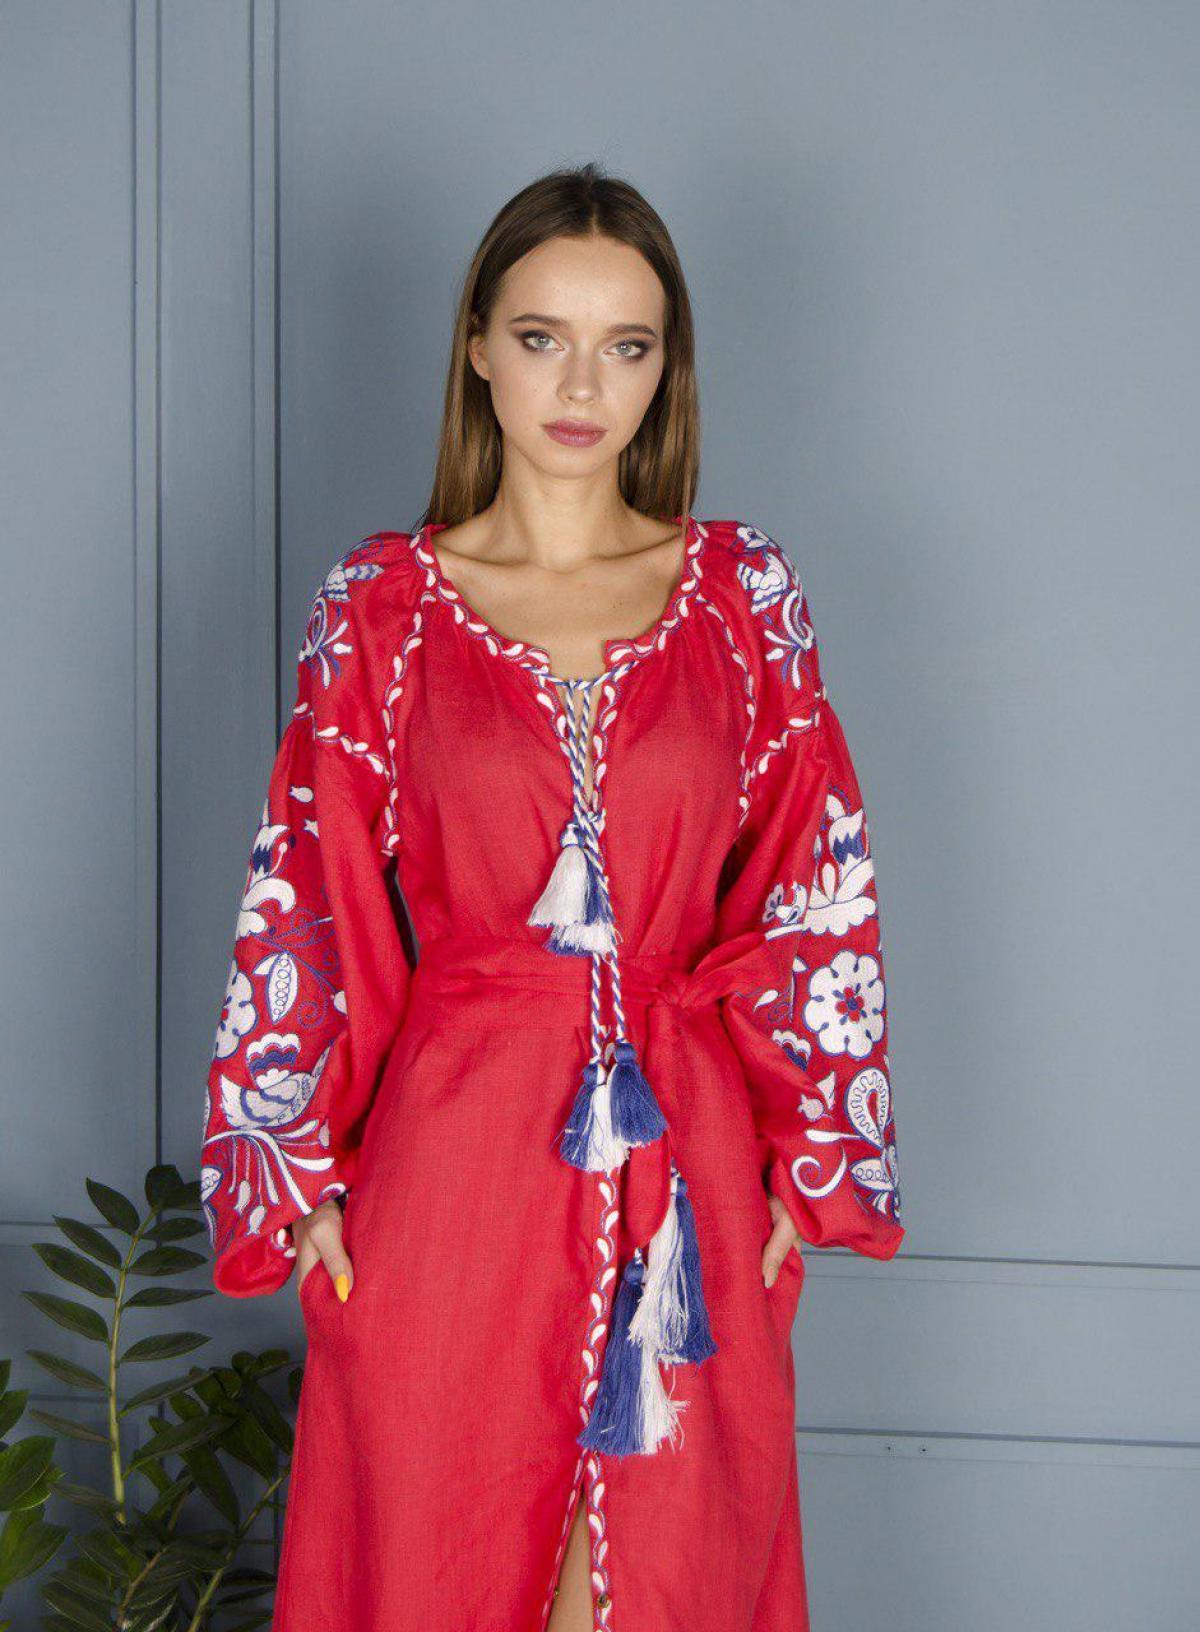 Красное льняное вышитое платье Птицы, длинное. Фото №3. | Народный дом Украина